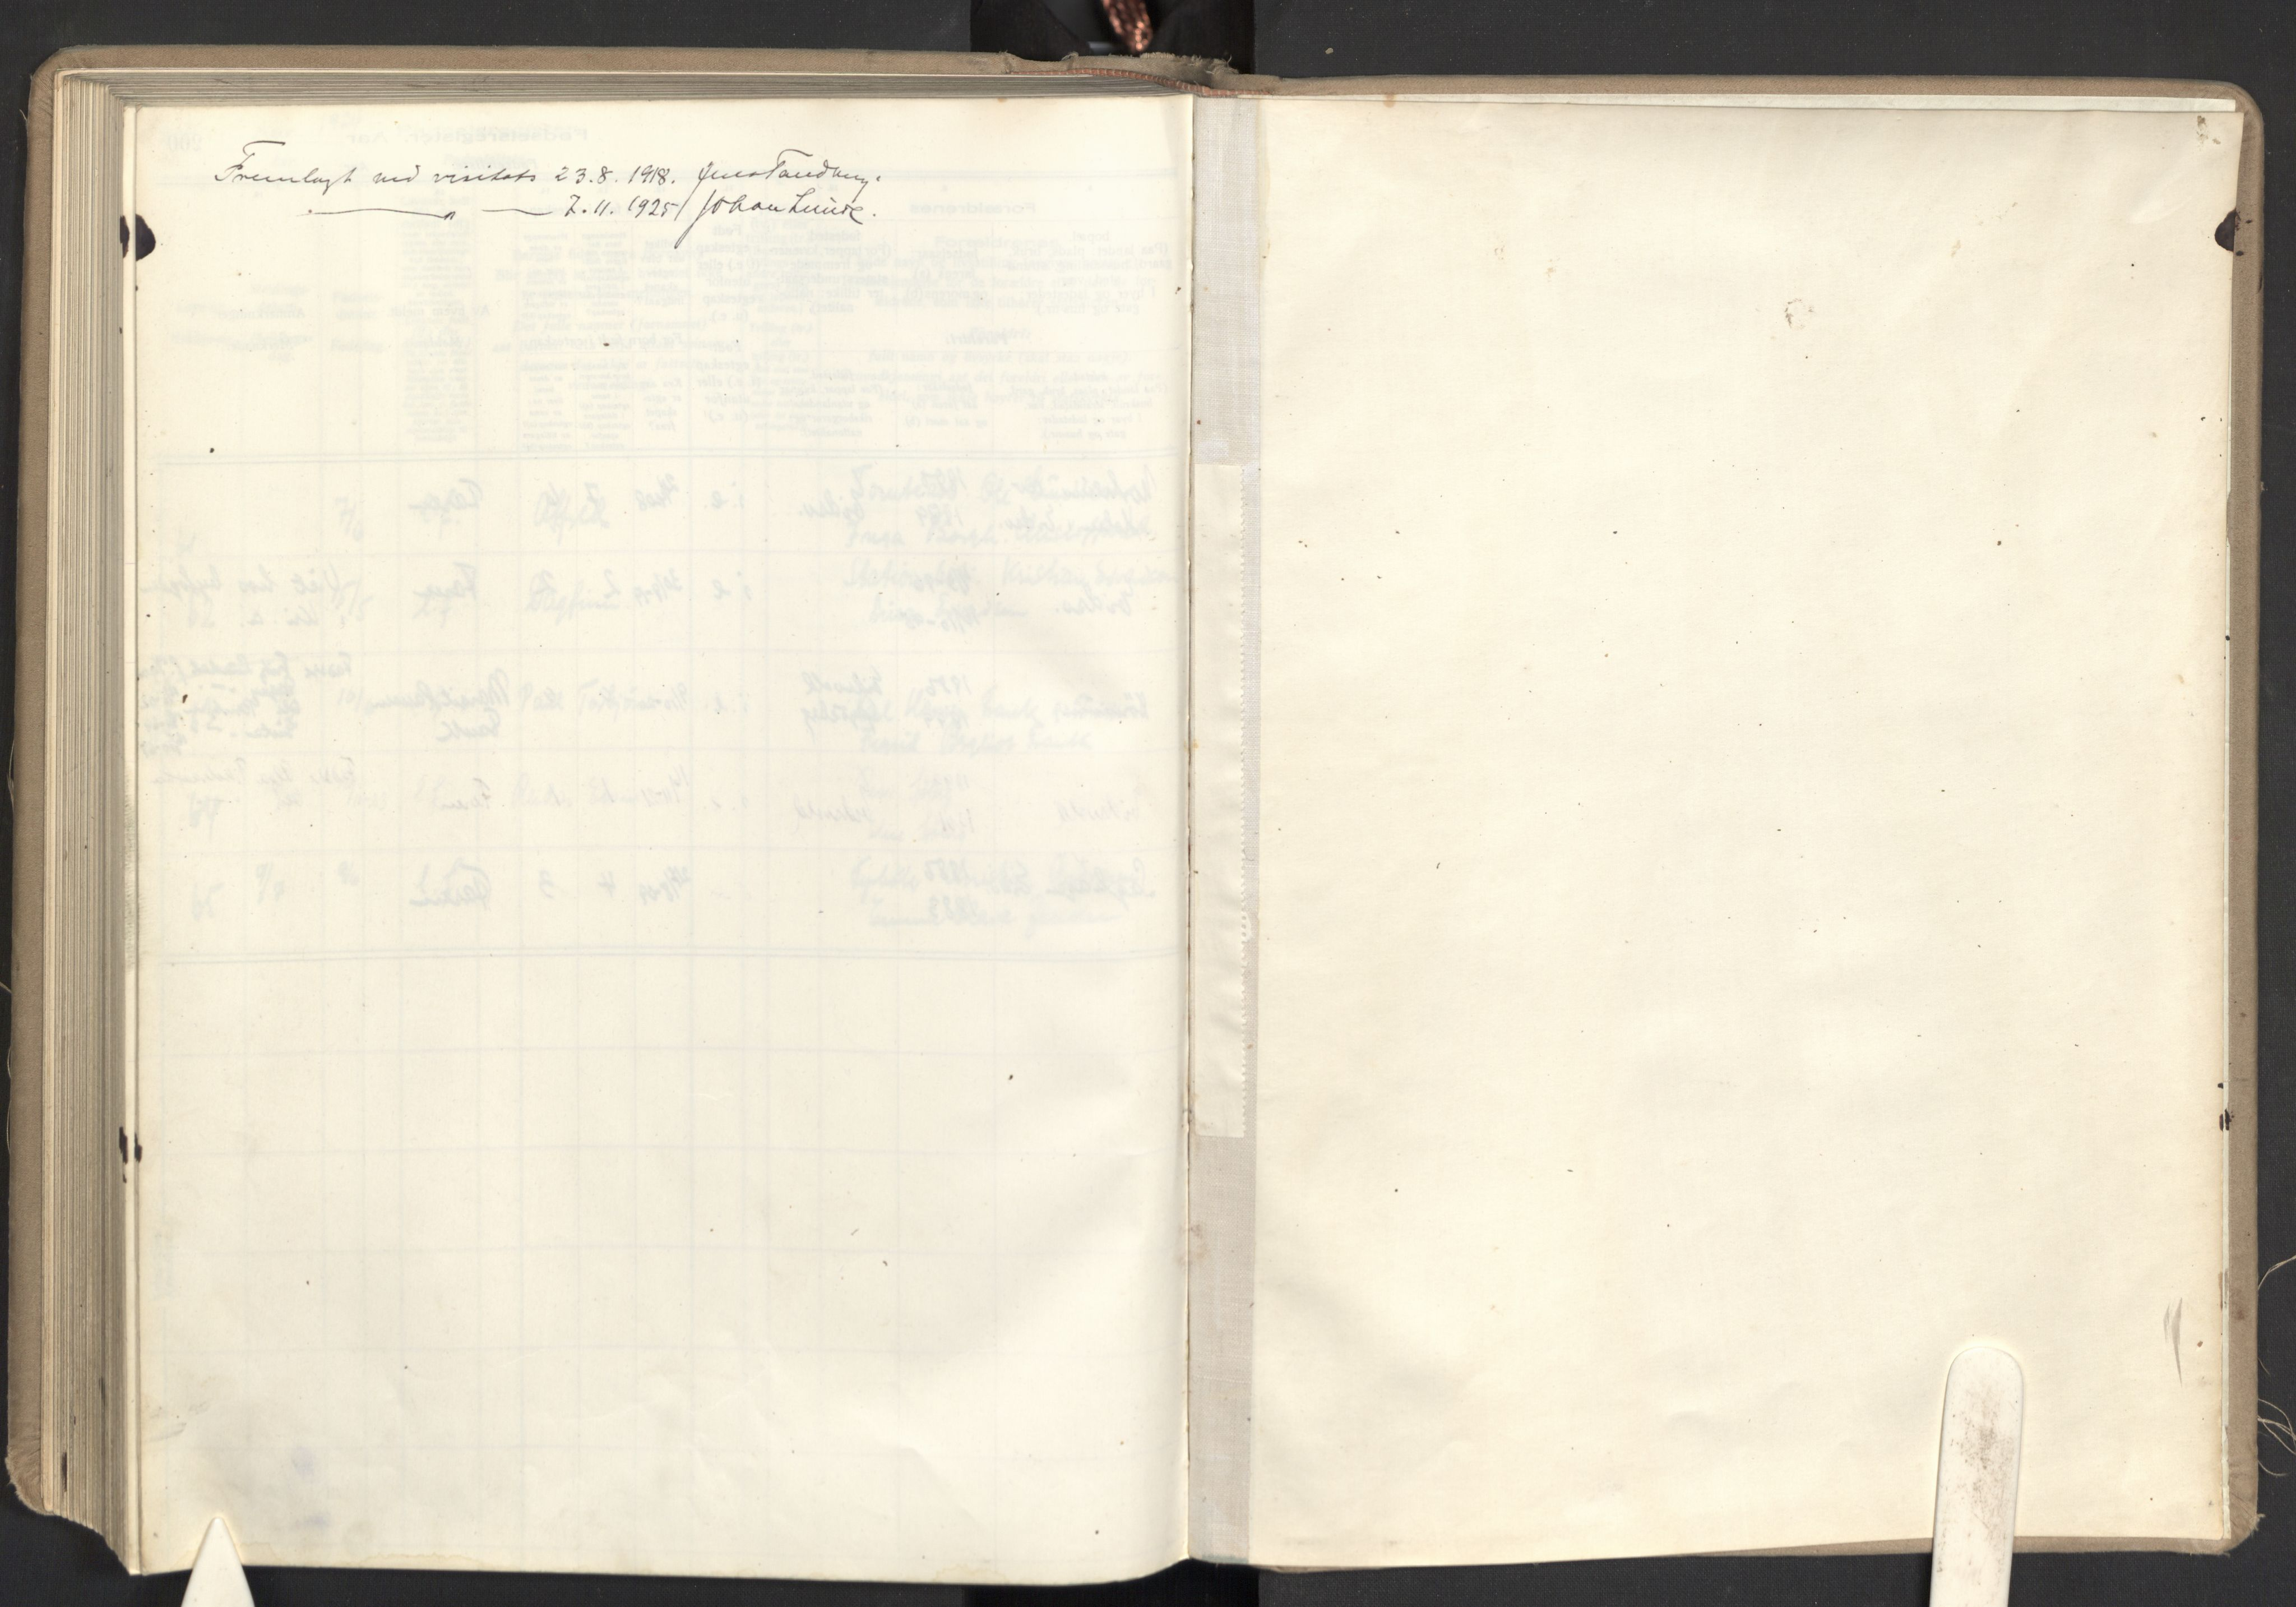 SAO, Eidsvoll prestekontor Kirkebøker, Birth register no. I 1, 1916-1924